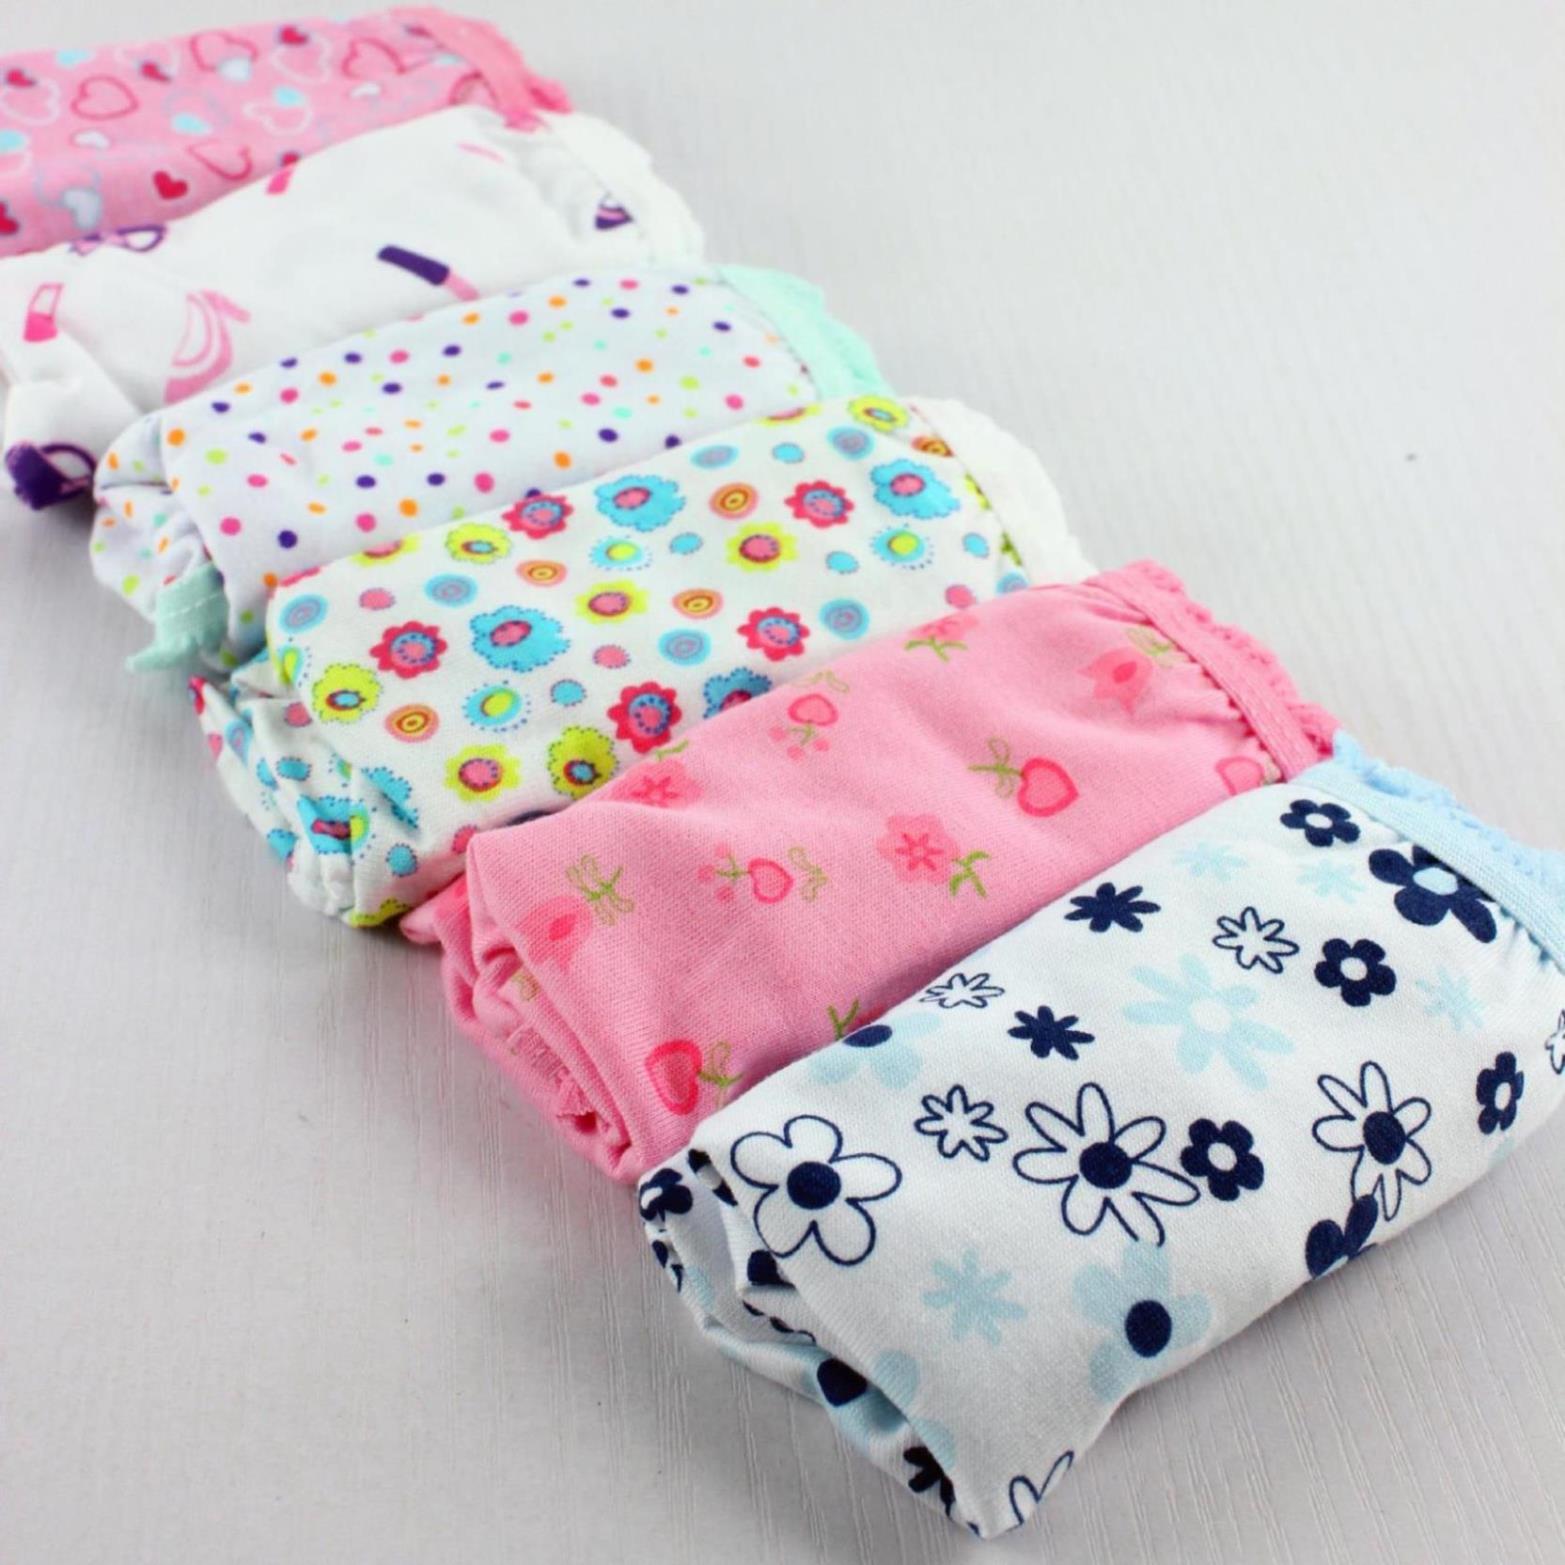 baby cotton underwear child panties bread under bb underwears pants girls triangle kids children briefs mixcolor